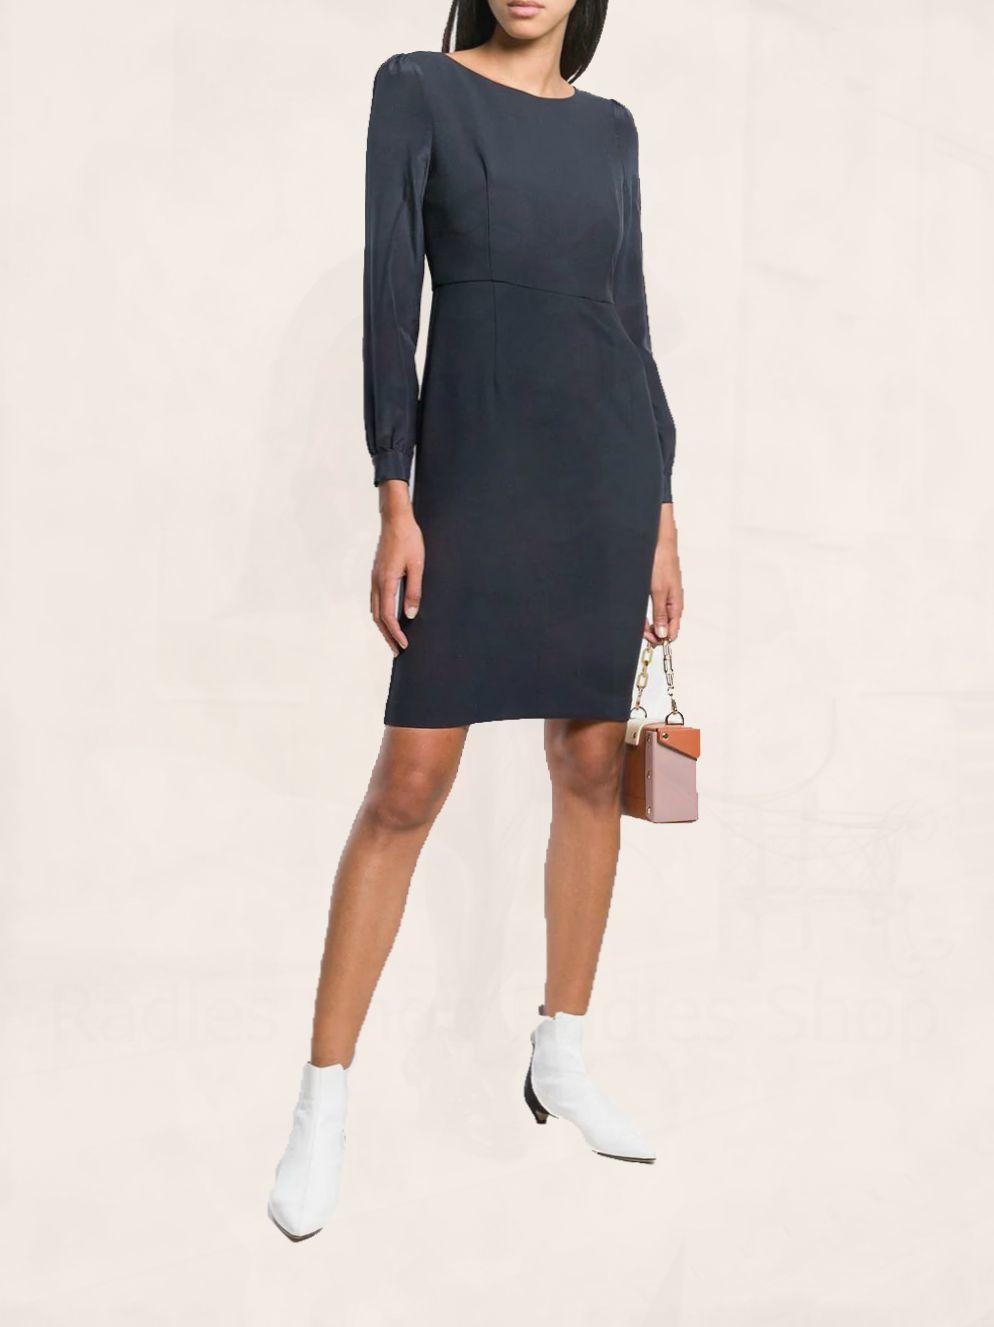 Платья ручной работы. Ярмарка Мастеров - ручная работа. Купить Черное коктейльное платье. Отлично подойдет для работы или коктейльной. Handmade.